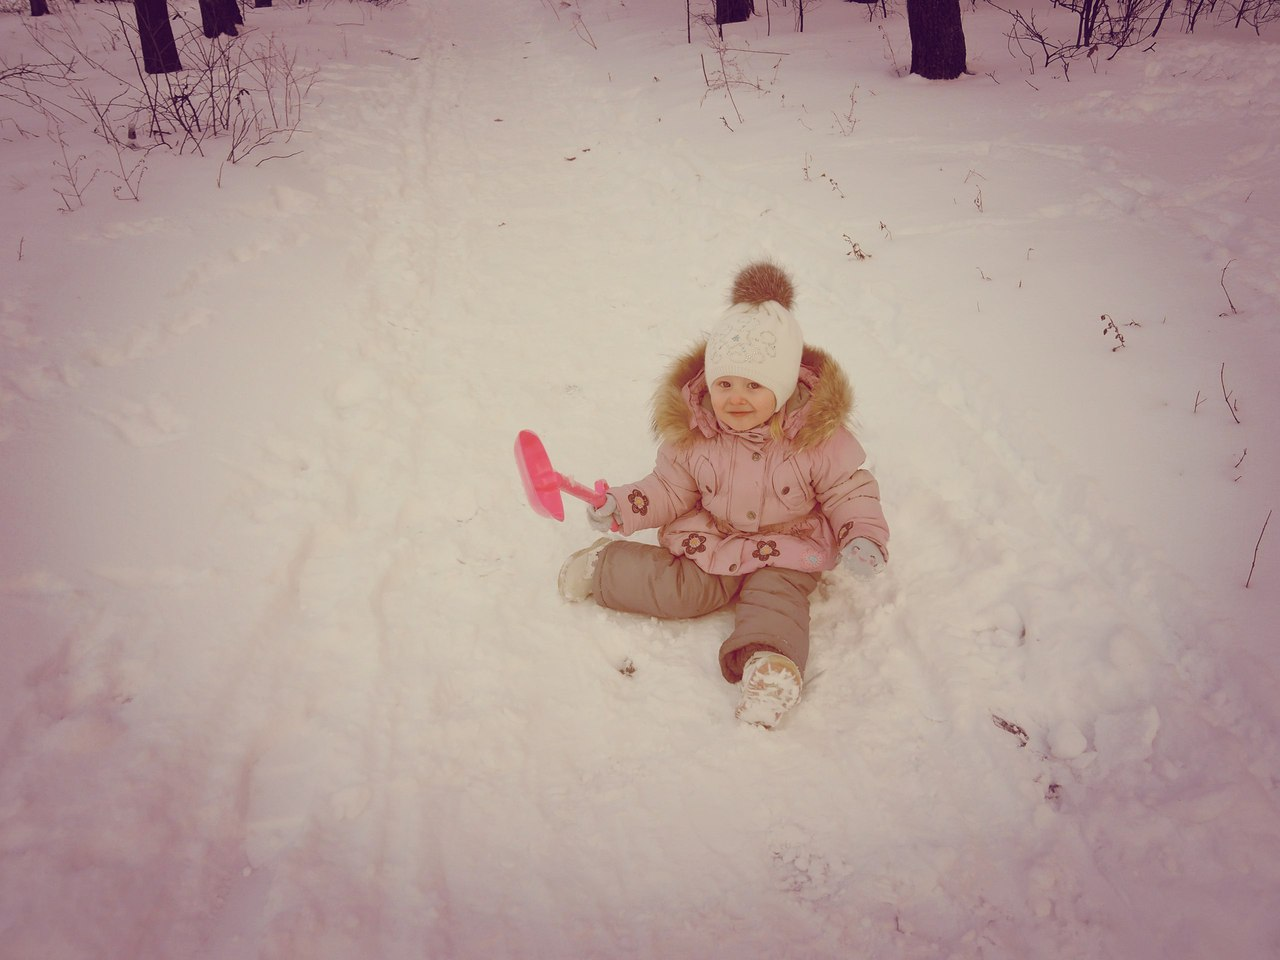 Александра Антонова, Воронеж - фото №10